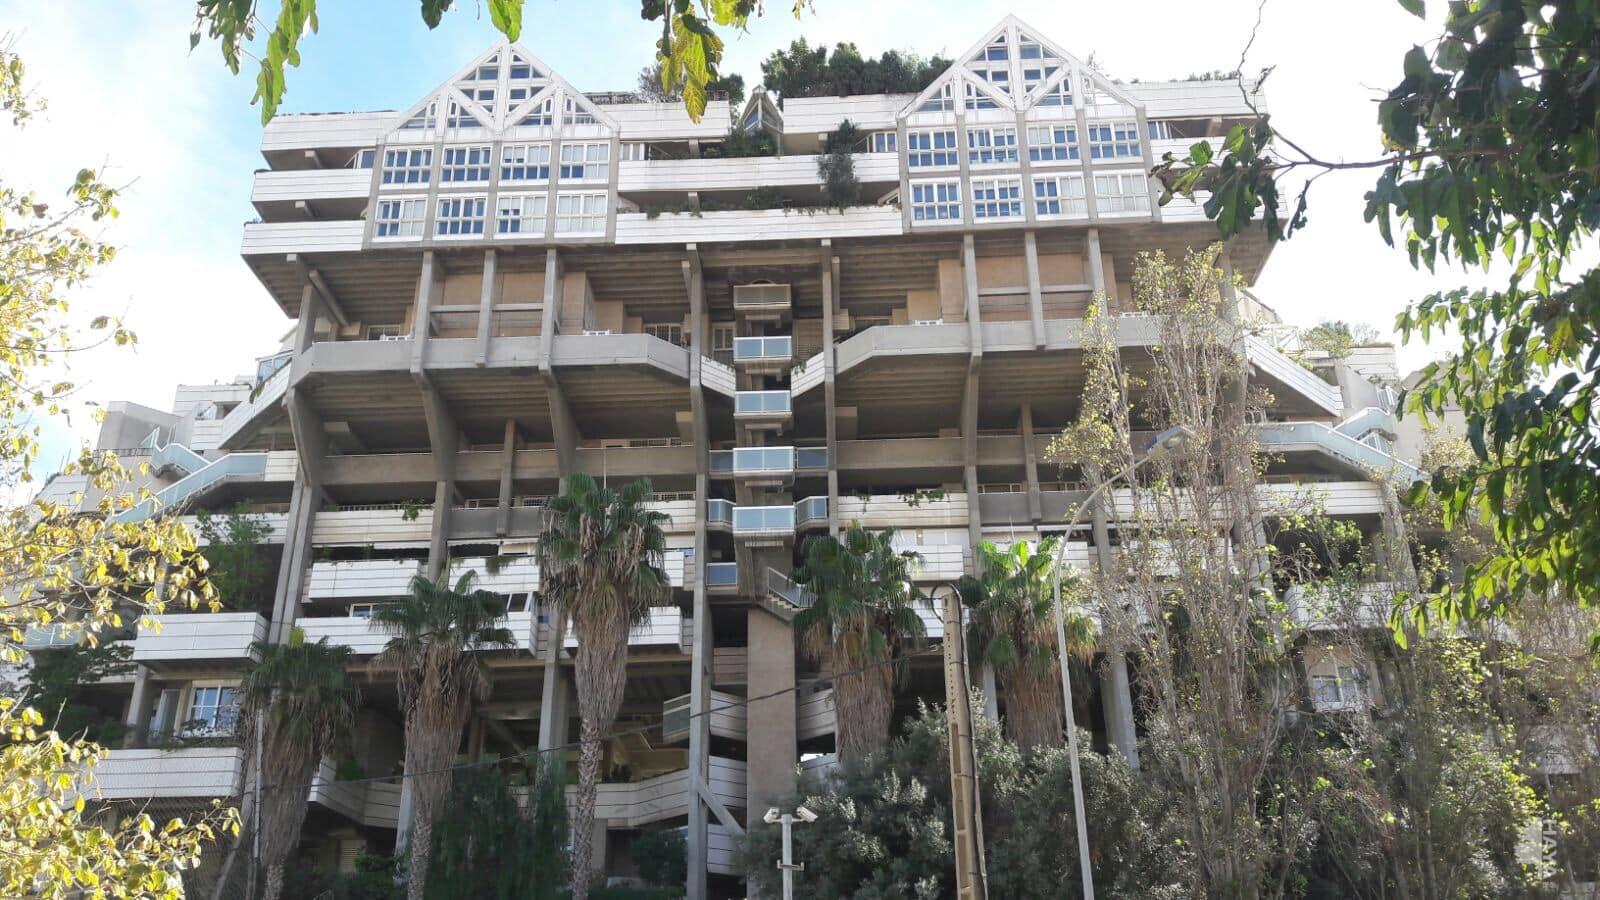 Piso en venta en Valencia, Valencia, Calle Musico Hipolito Martinez, 473.851 €, 4 habitaciones, 4 baños, 222 m2